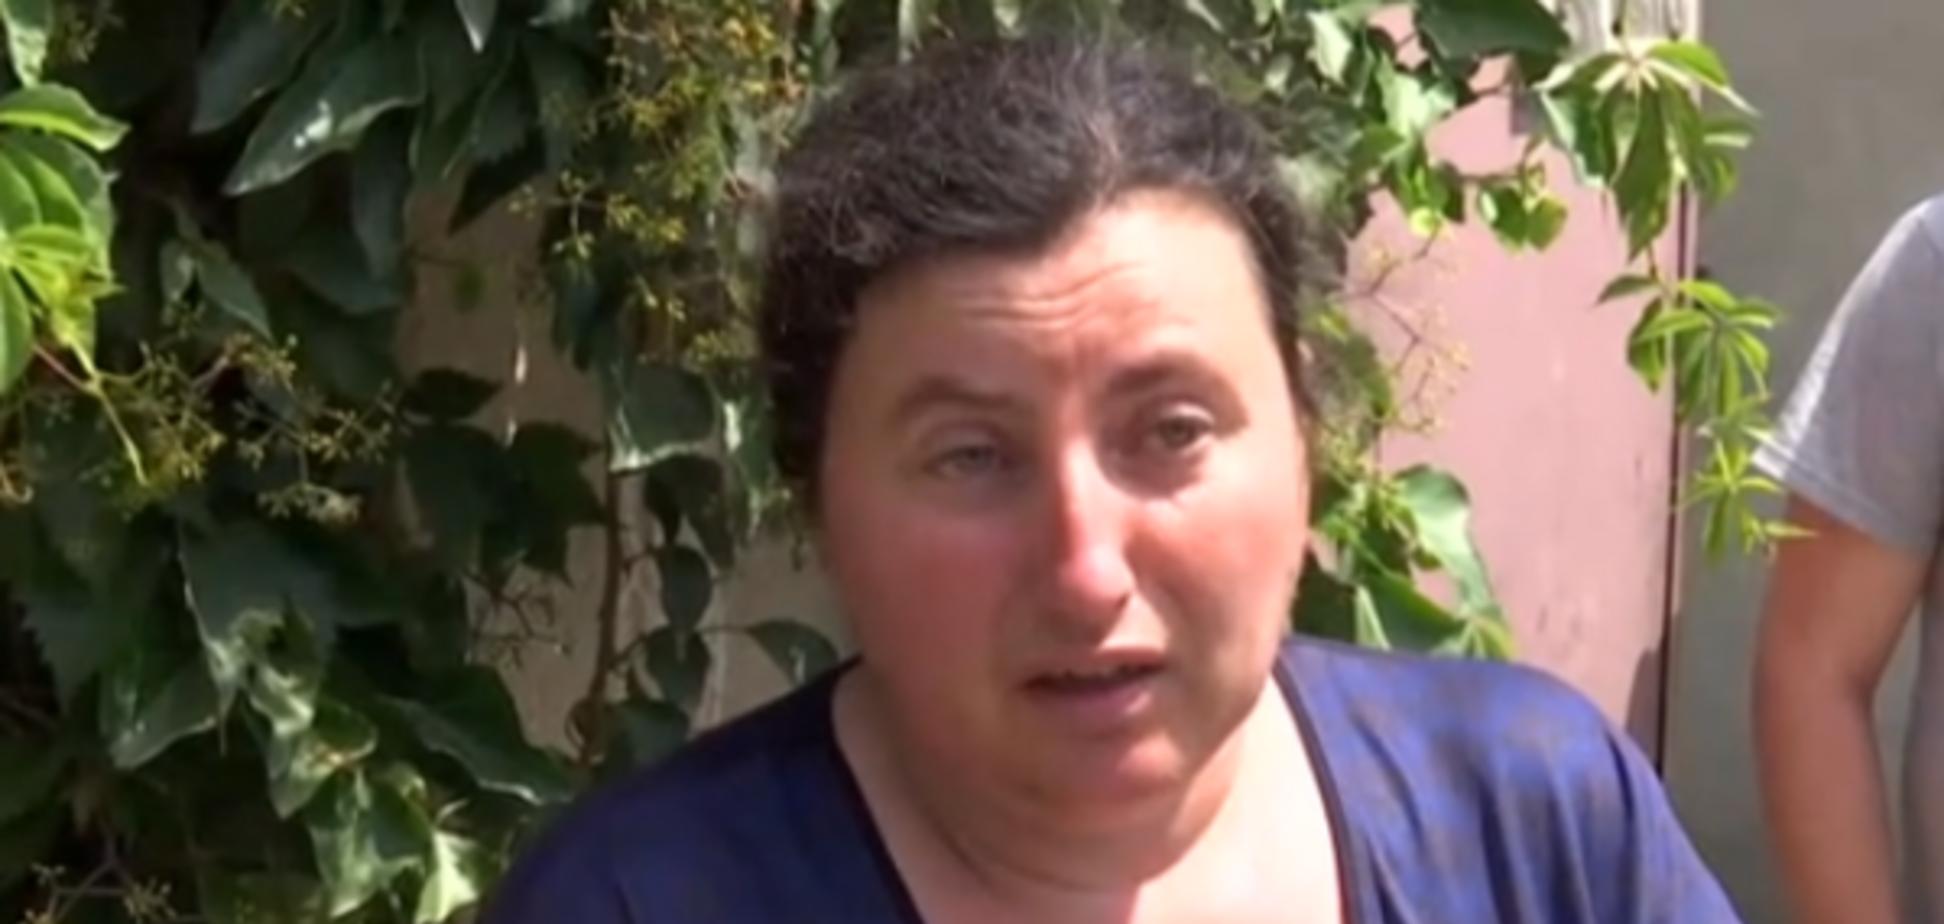 'Сожгите, если хотите!' Мать убийцы Даши Лукьяненко взмолилась о прощении